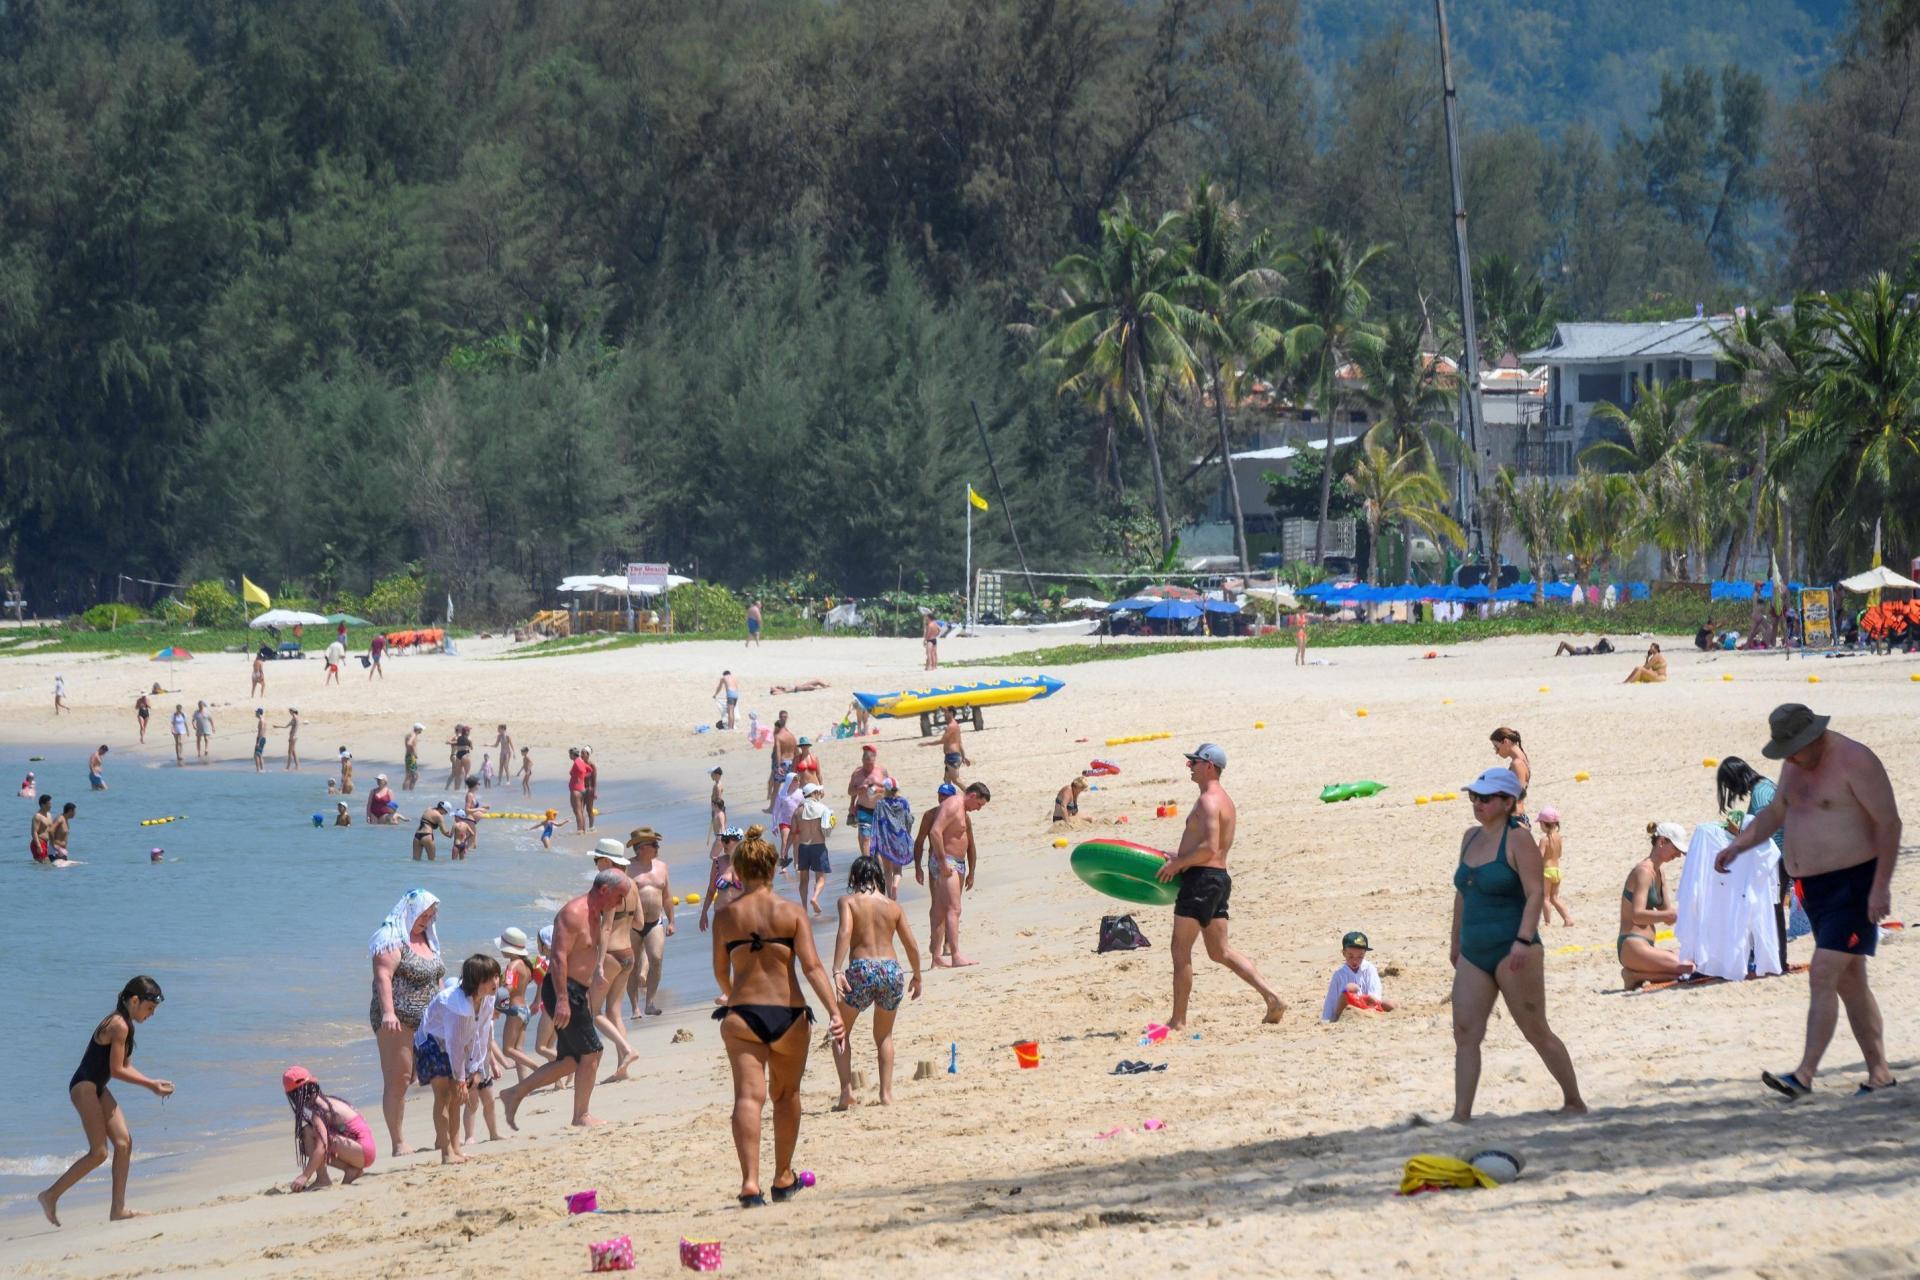 Archivo: Los turistas internacionales, en su mayoría ciudadanos rusos, disfrutan de la playa a pesar de las preocupaciones sobre la propagación del coronavirus COVID-19 y las restricciones para los viajeros en un centro turístico en Phuket el 20 de marzo de 2020. Foto: Mladen Antonov / AFP